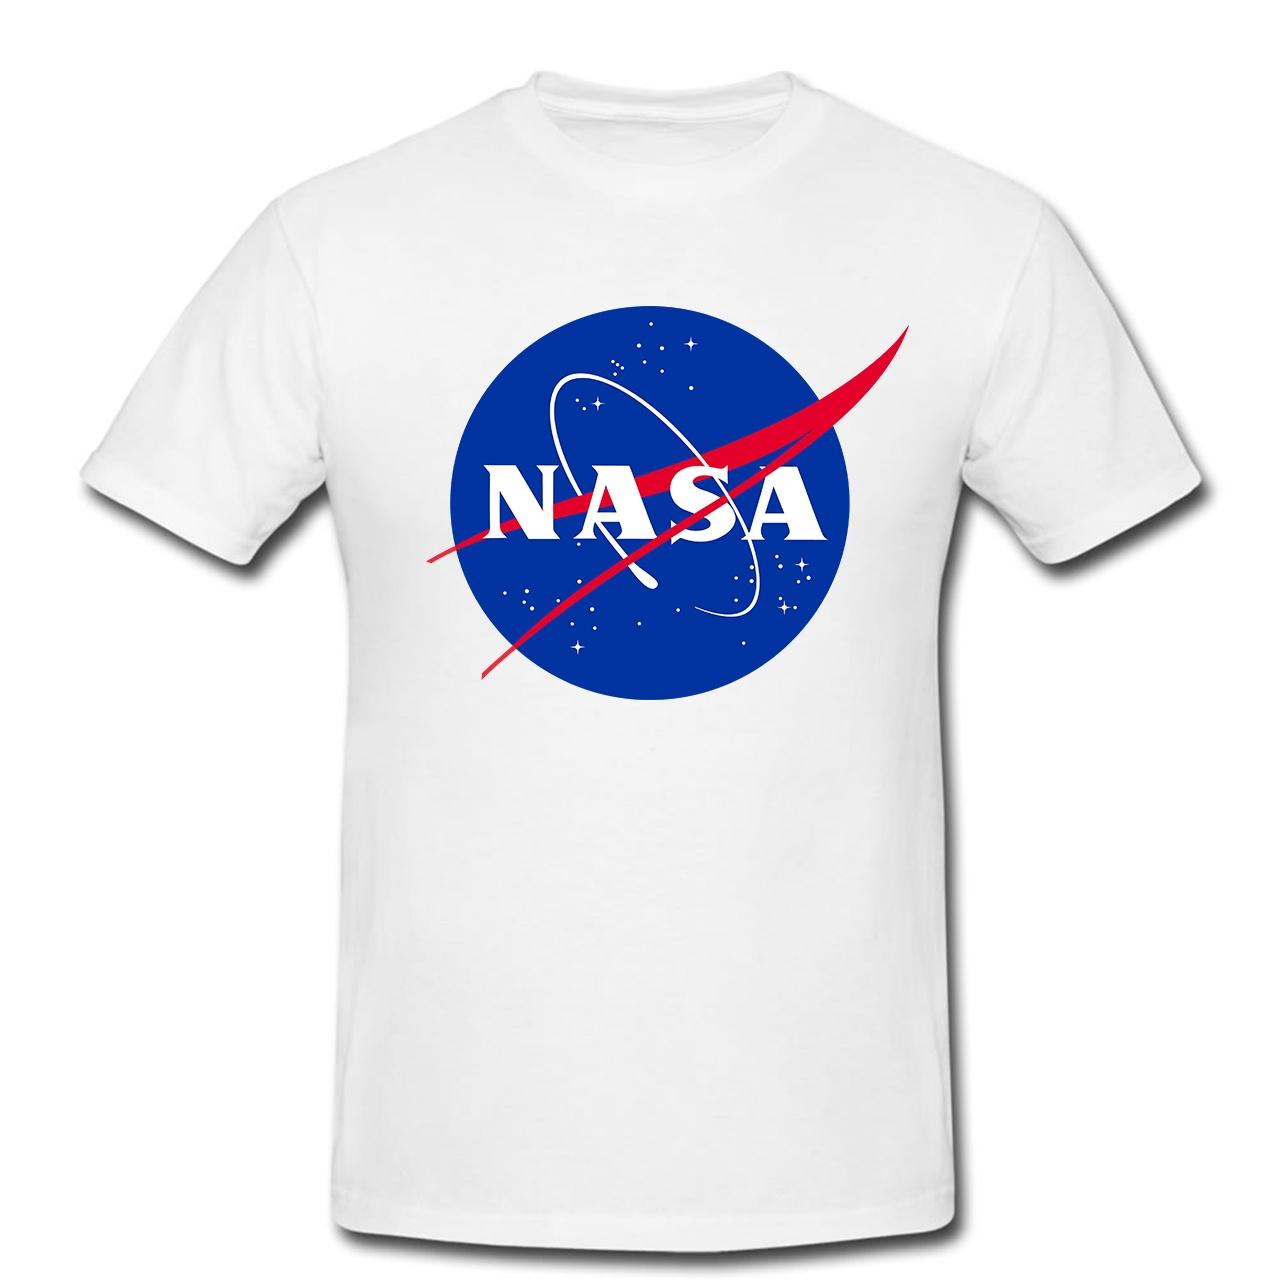 تیشرت مردانه طرح ناسا کد 0190